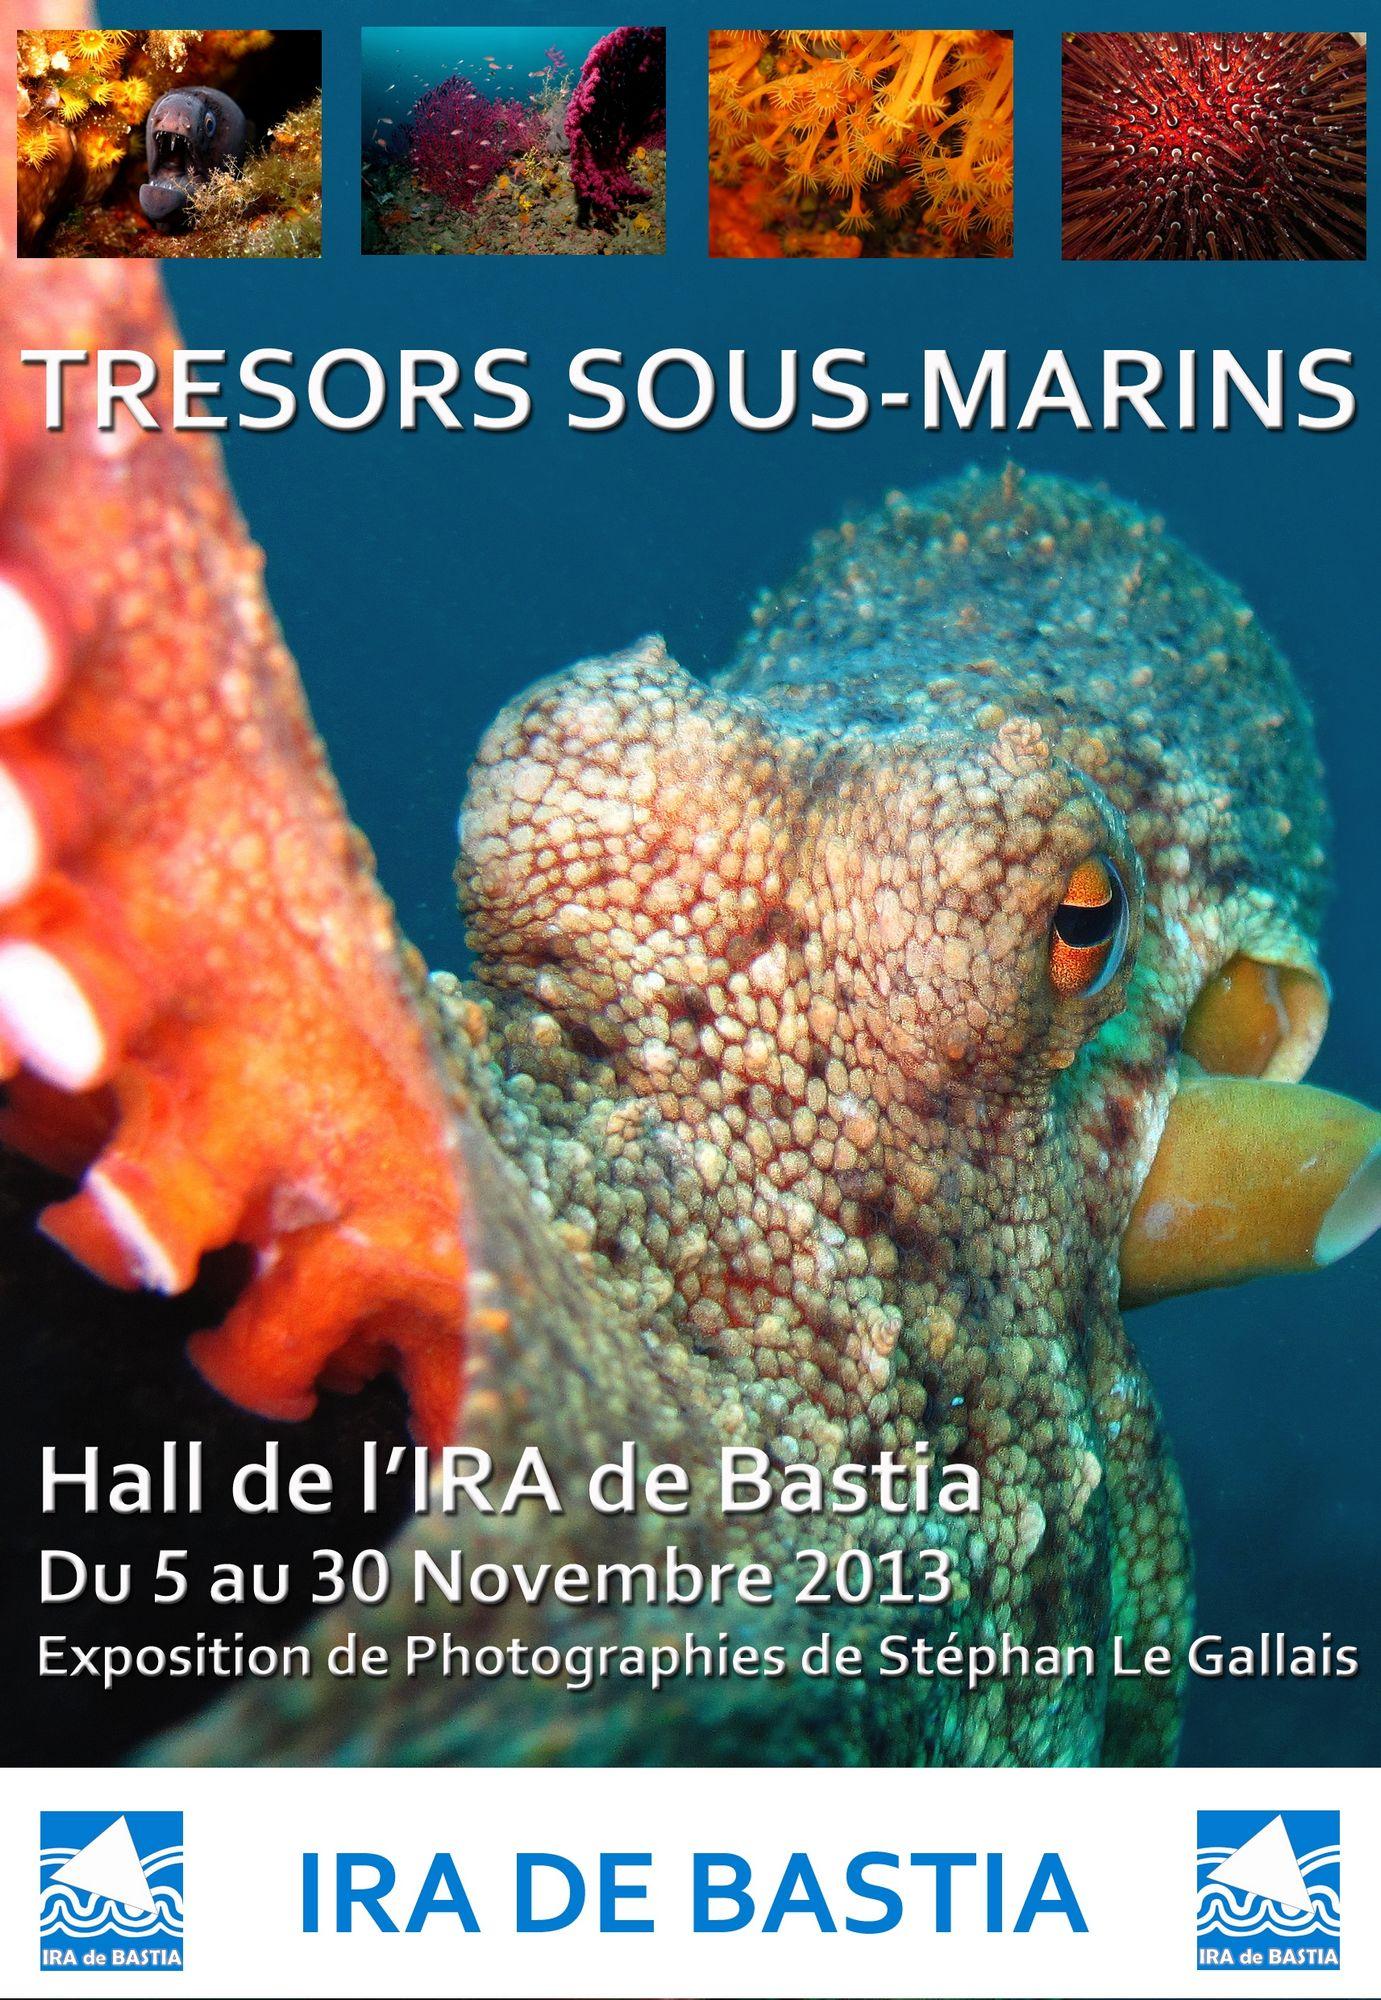 Bastia : Les trésors sous-marins de Stéphan Le Gallais à l'IRA